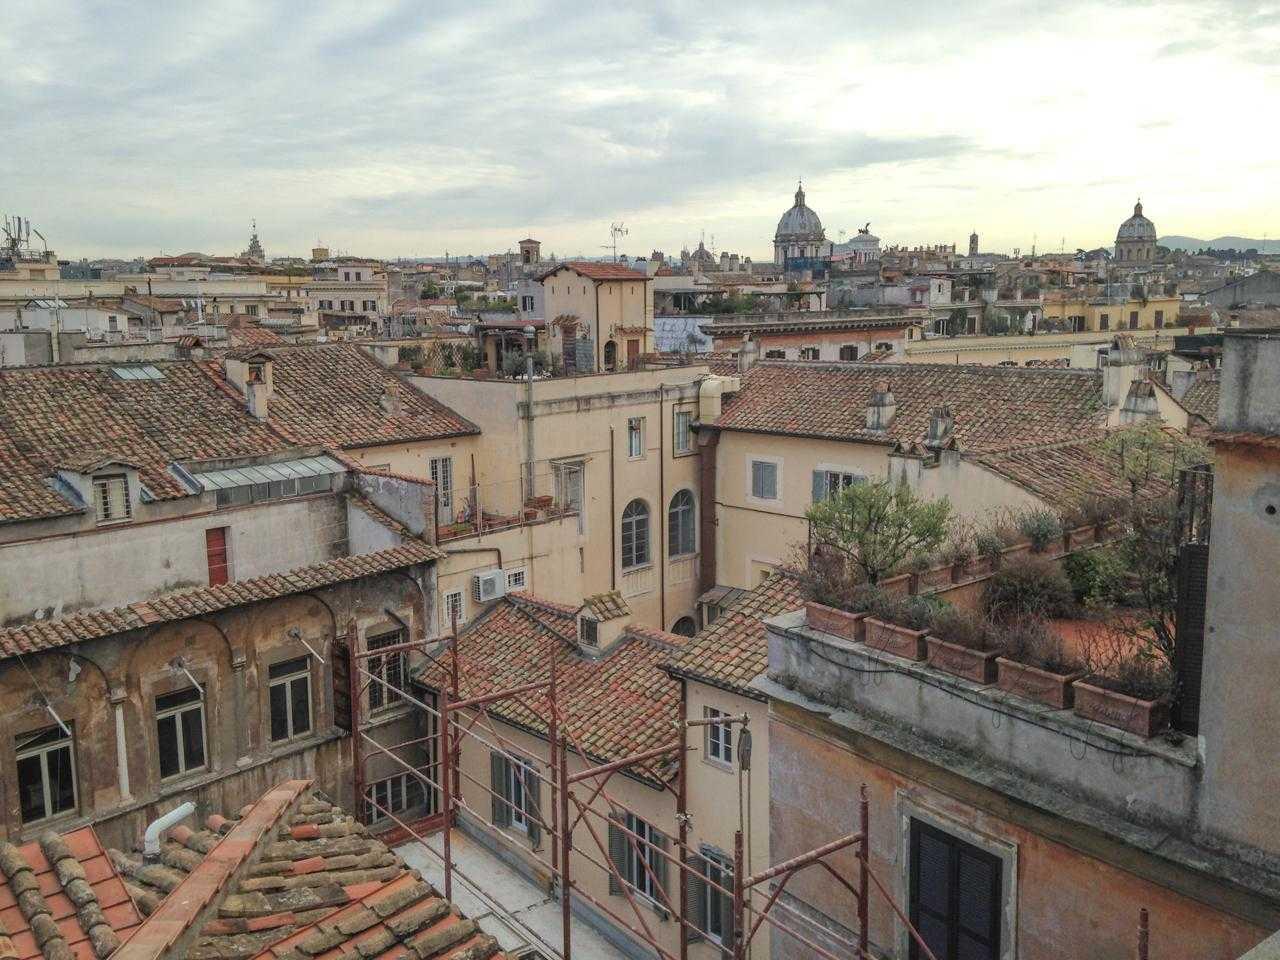 vendita attico roma centro 10 immobili di prestigio a roma